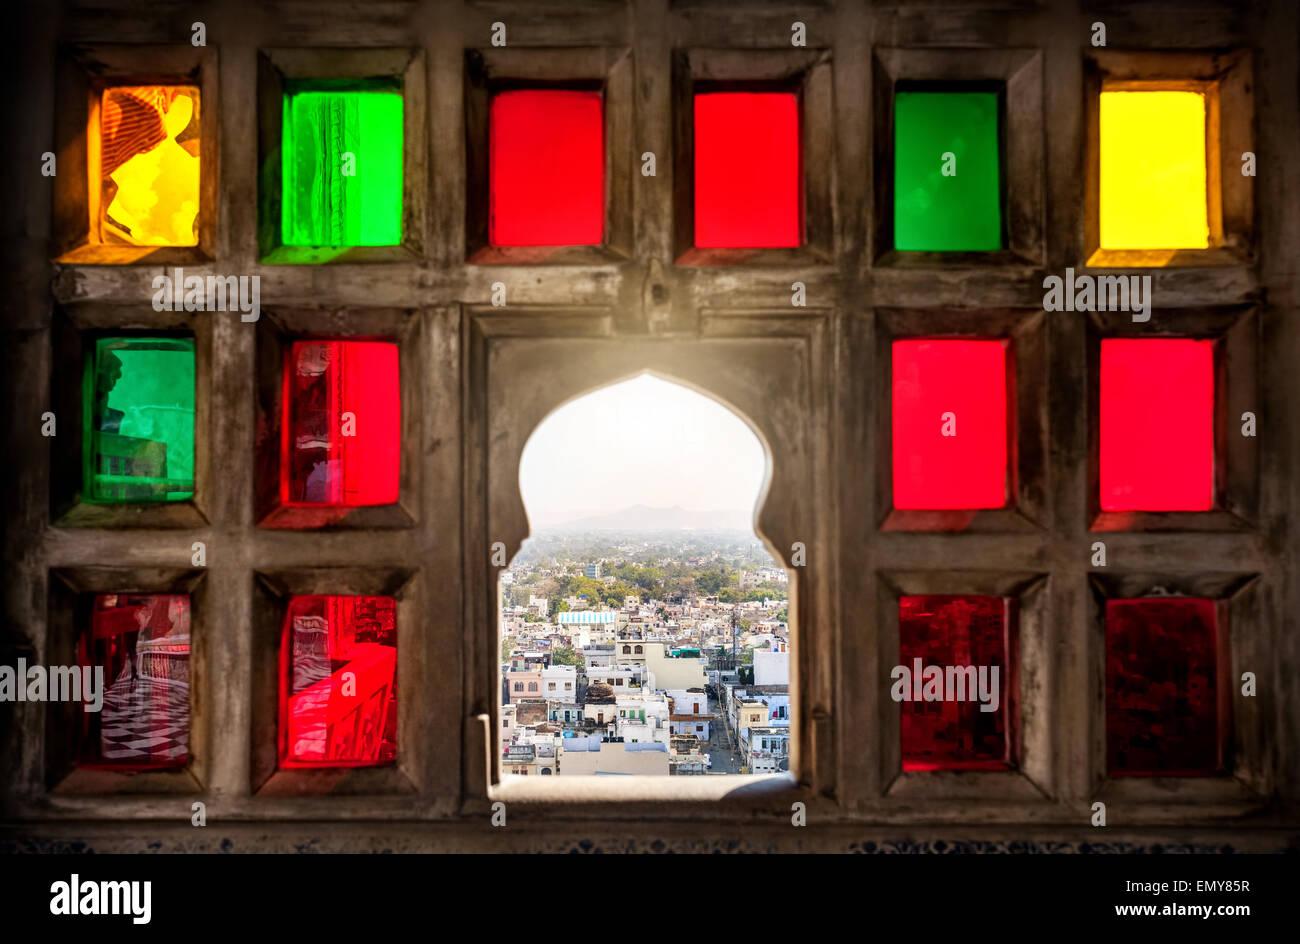 La ciudad vista desde la ventana en mosaico colorido museo palacio de la ciudad de Udaipur, Rajasthan, India Imagen De Stock